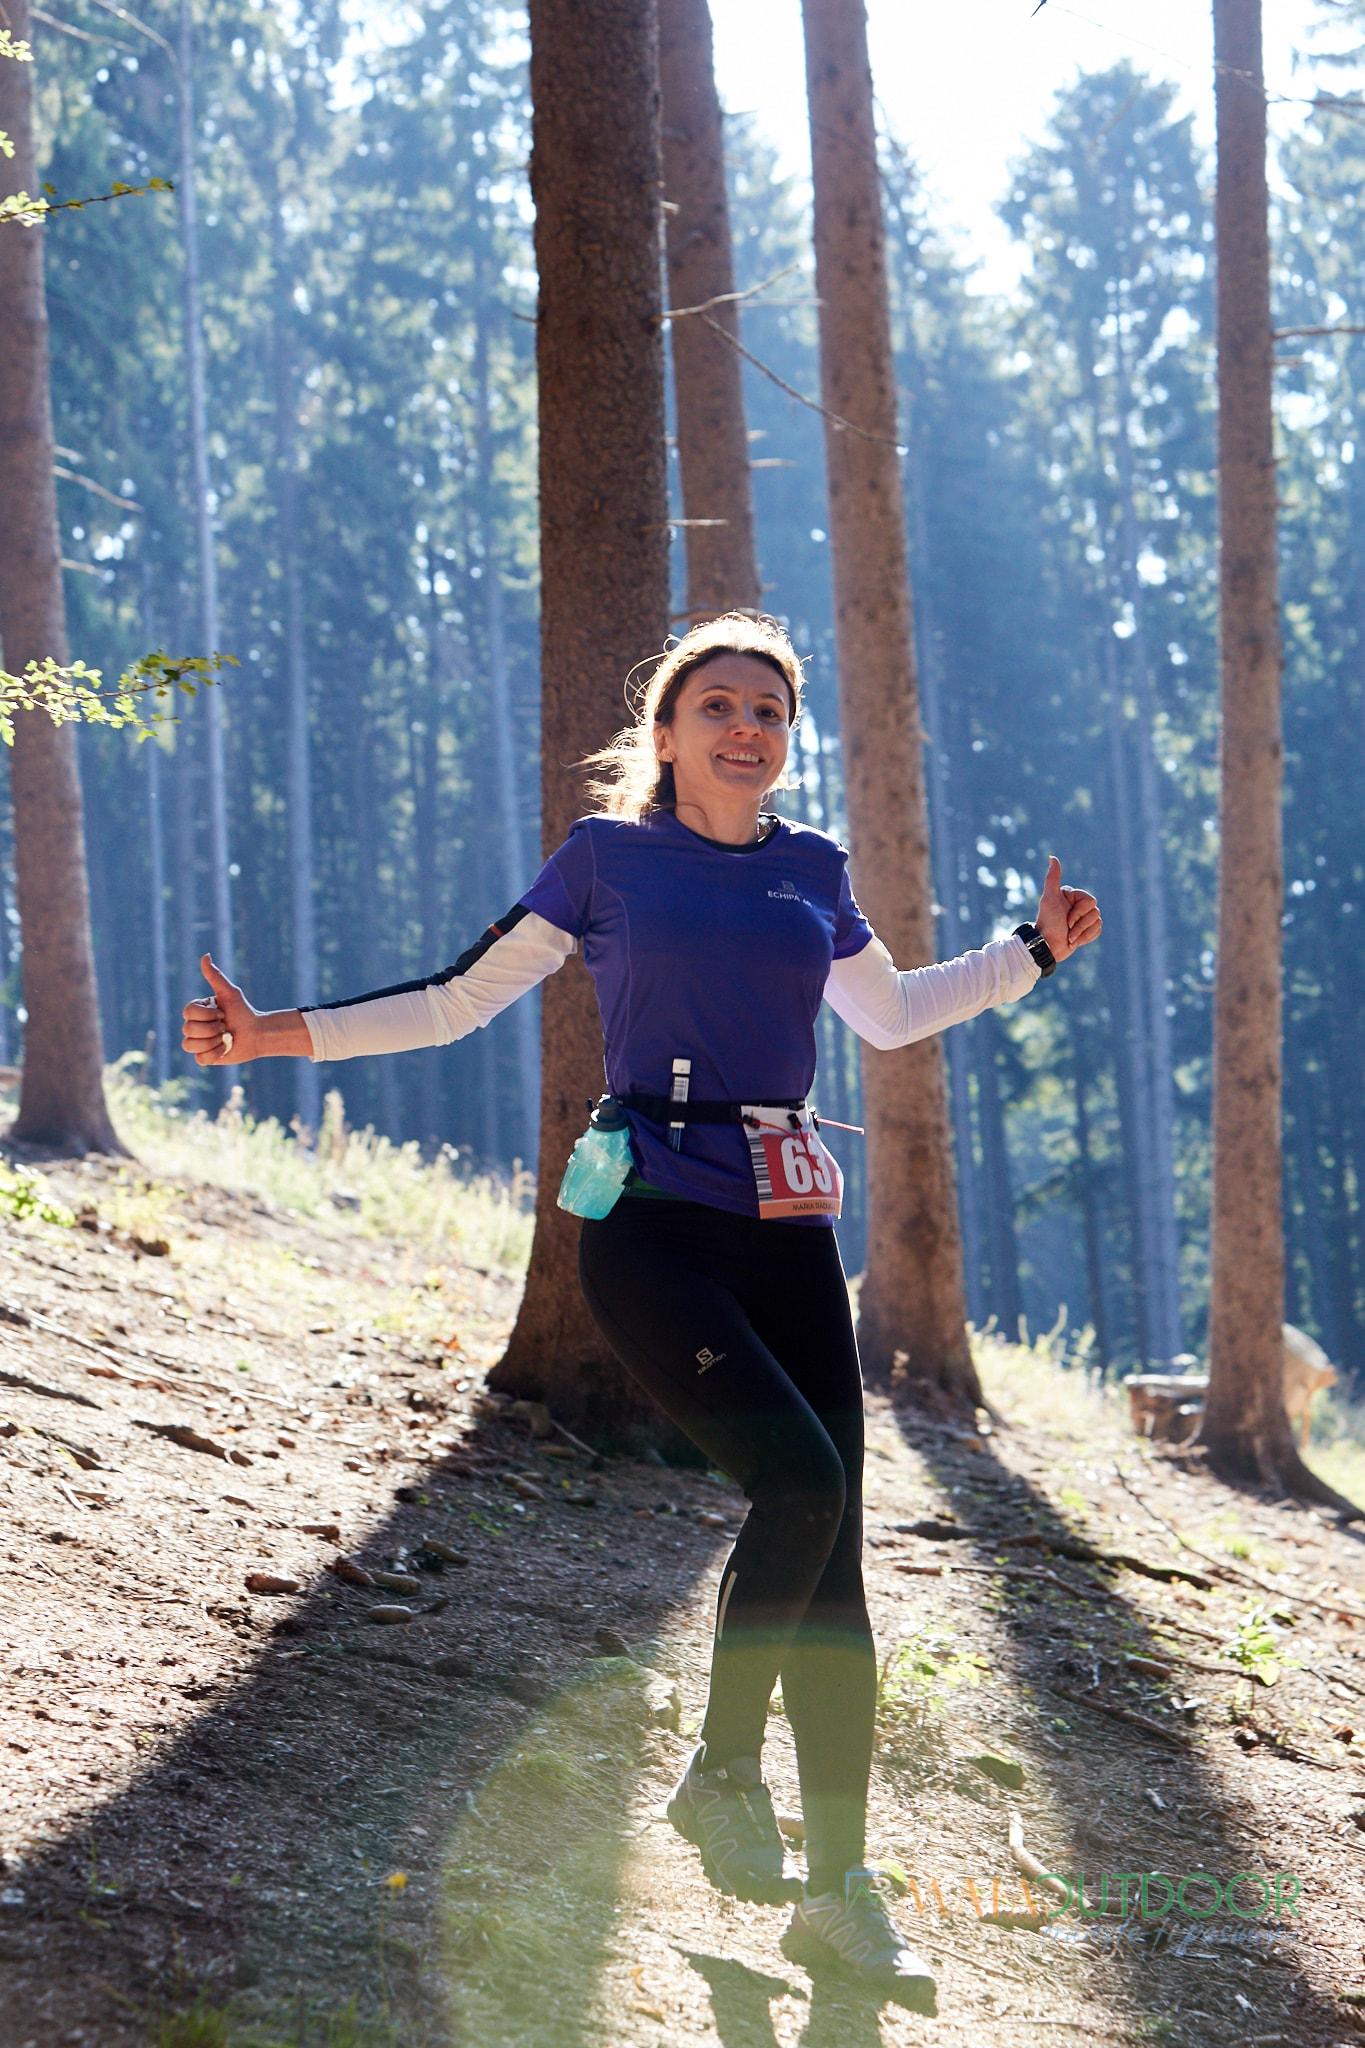 Semimaraton_Curtea_Domneasca_MaiaOutdoor.ro_IMG_6064-min